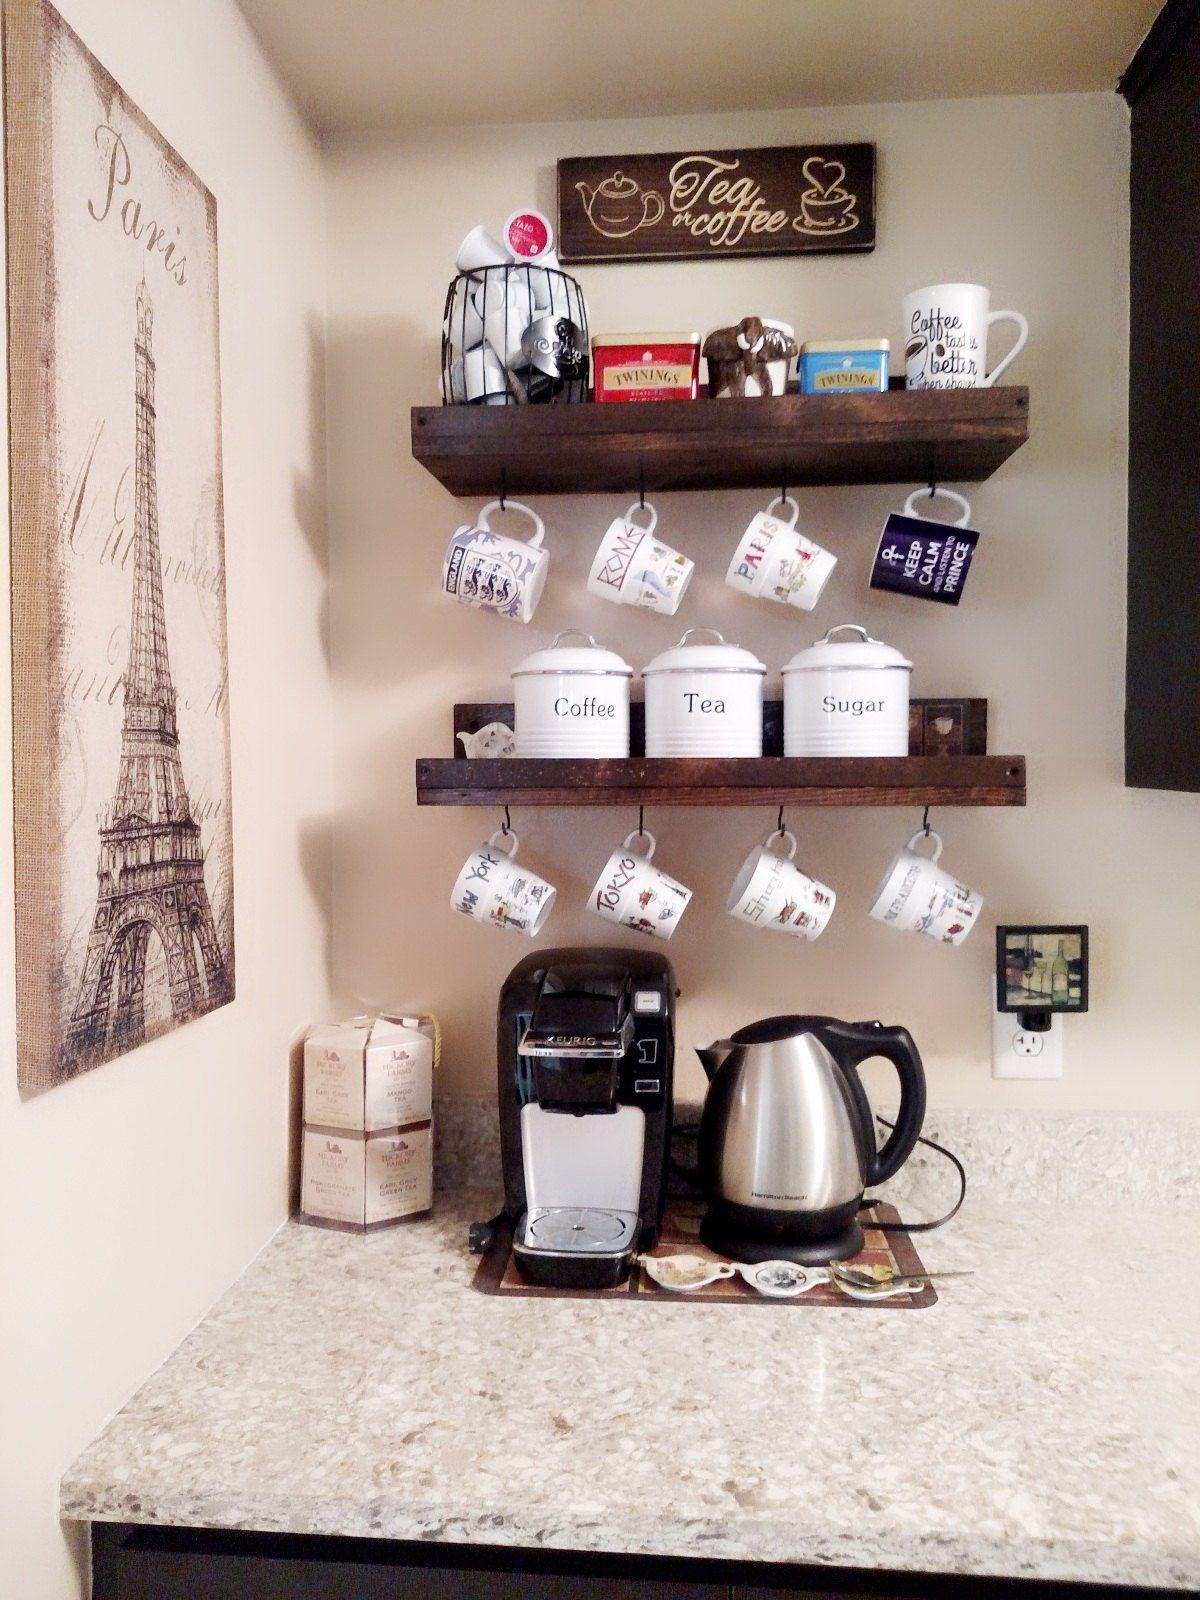 Coffee Mug Shelf With Hooks Coffee Mug Wall Rack Hanging Etsy Coffee Bar Home Coffee Mug Wall Rack Home Coffee Stations